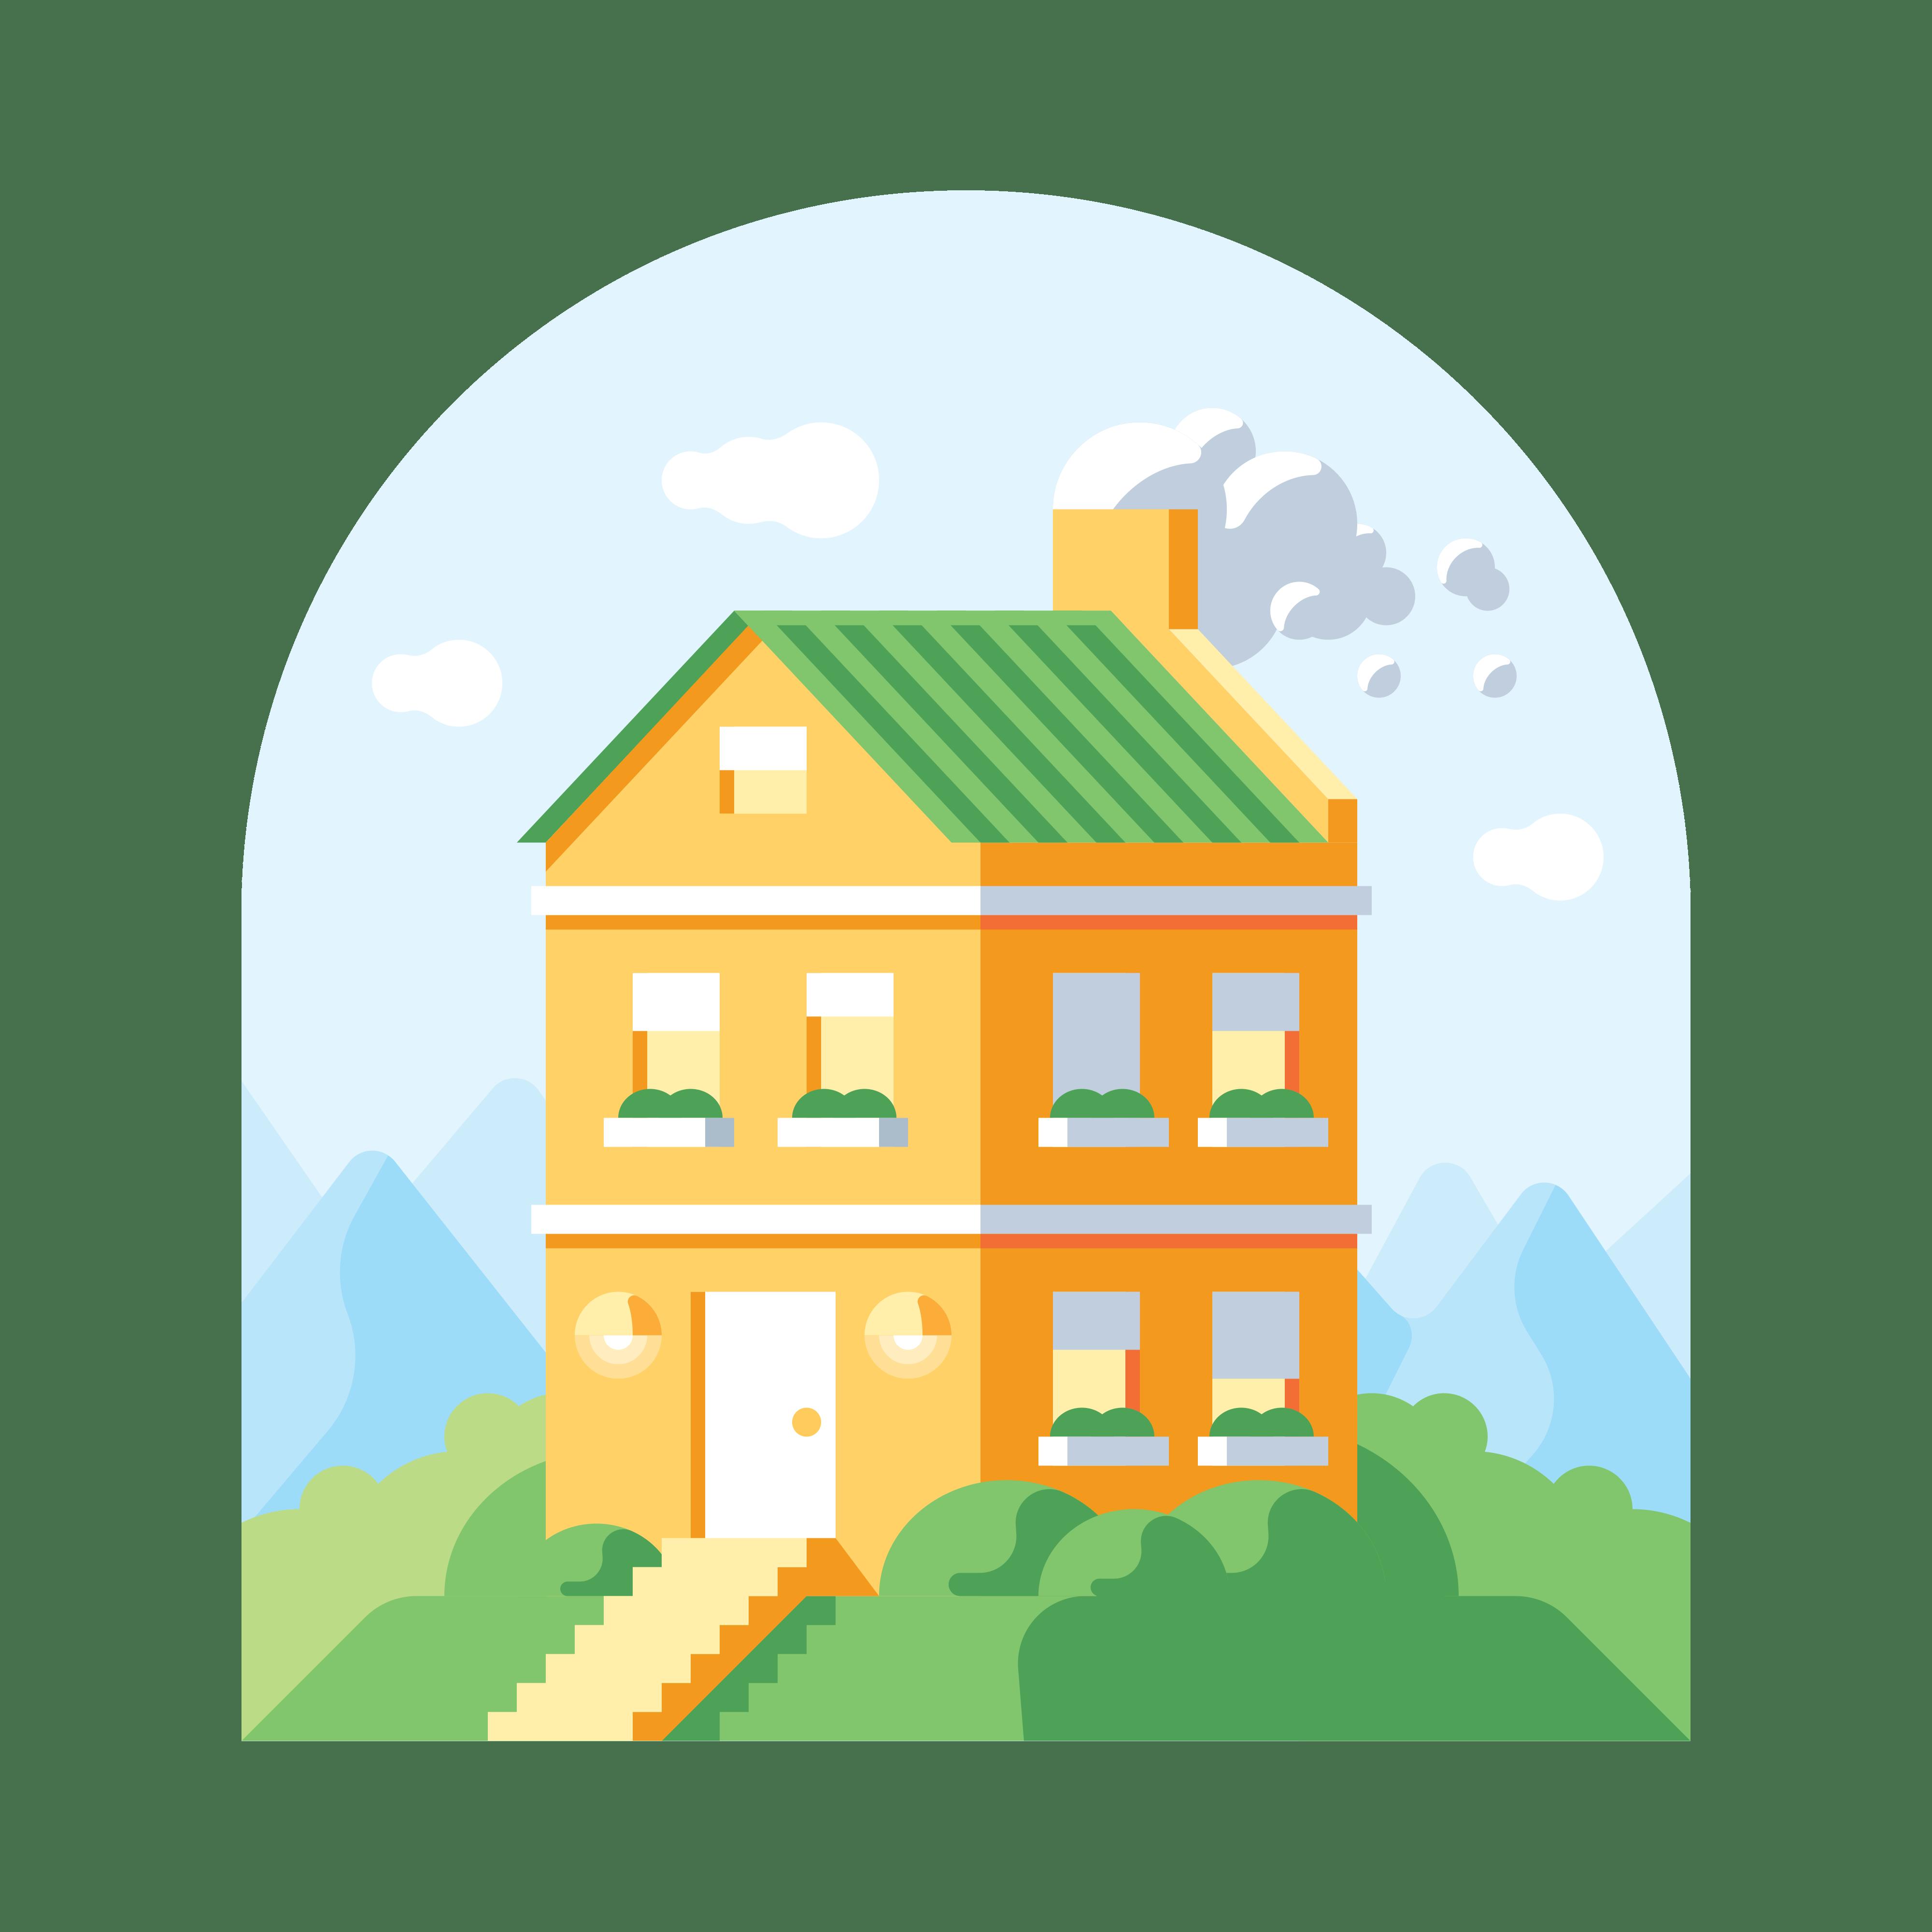 Dicas práticas para realizar o sonho da casa própria — confira o novo episódio do Videocast Direcional Riva Incorporadora